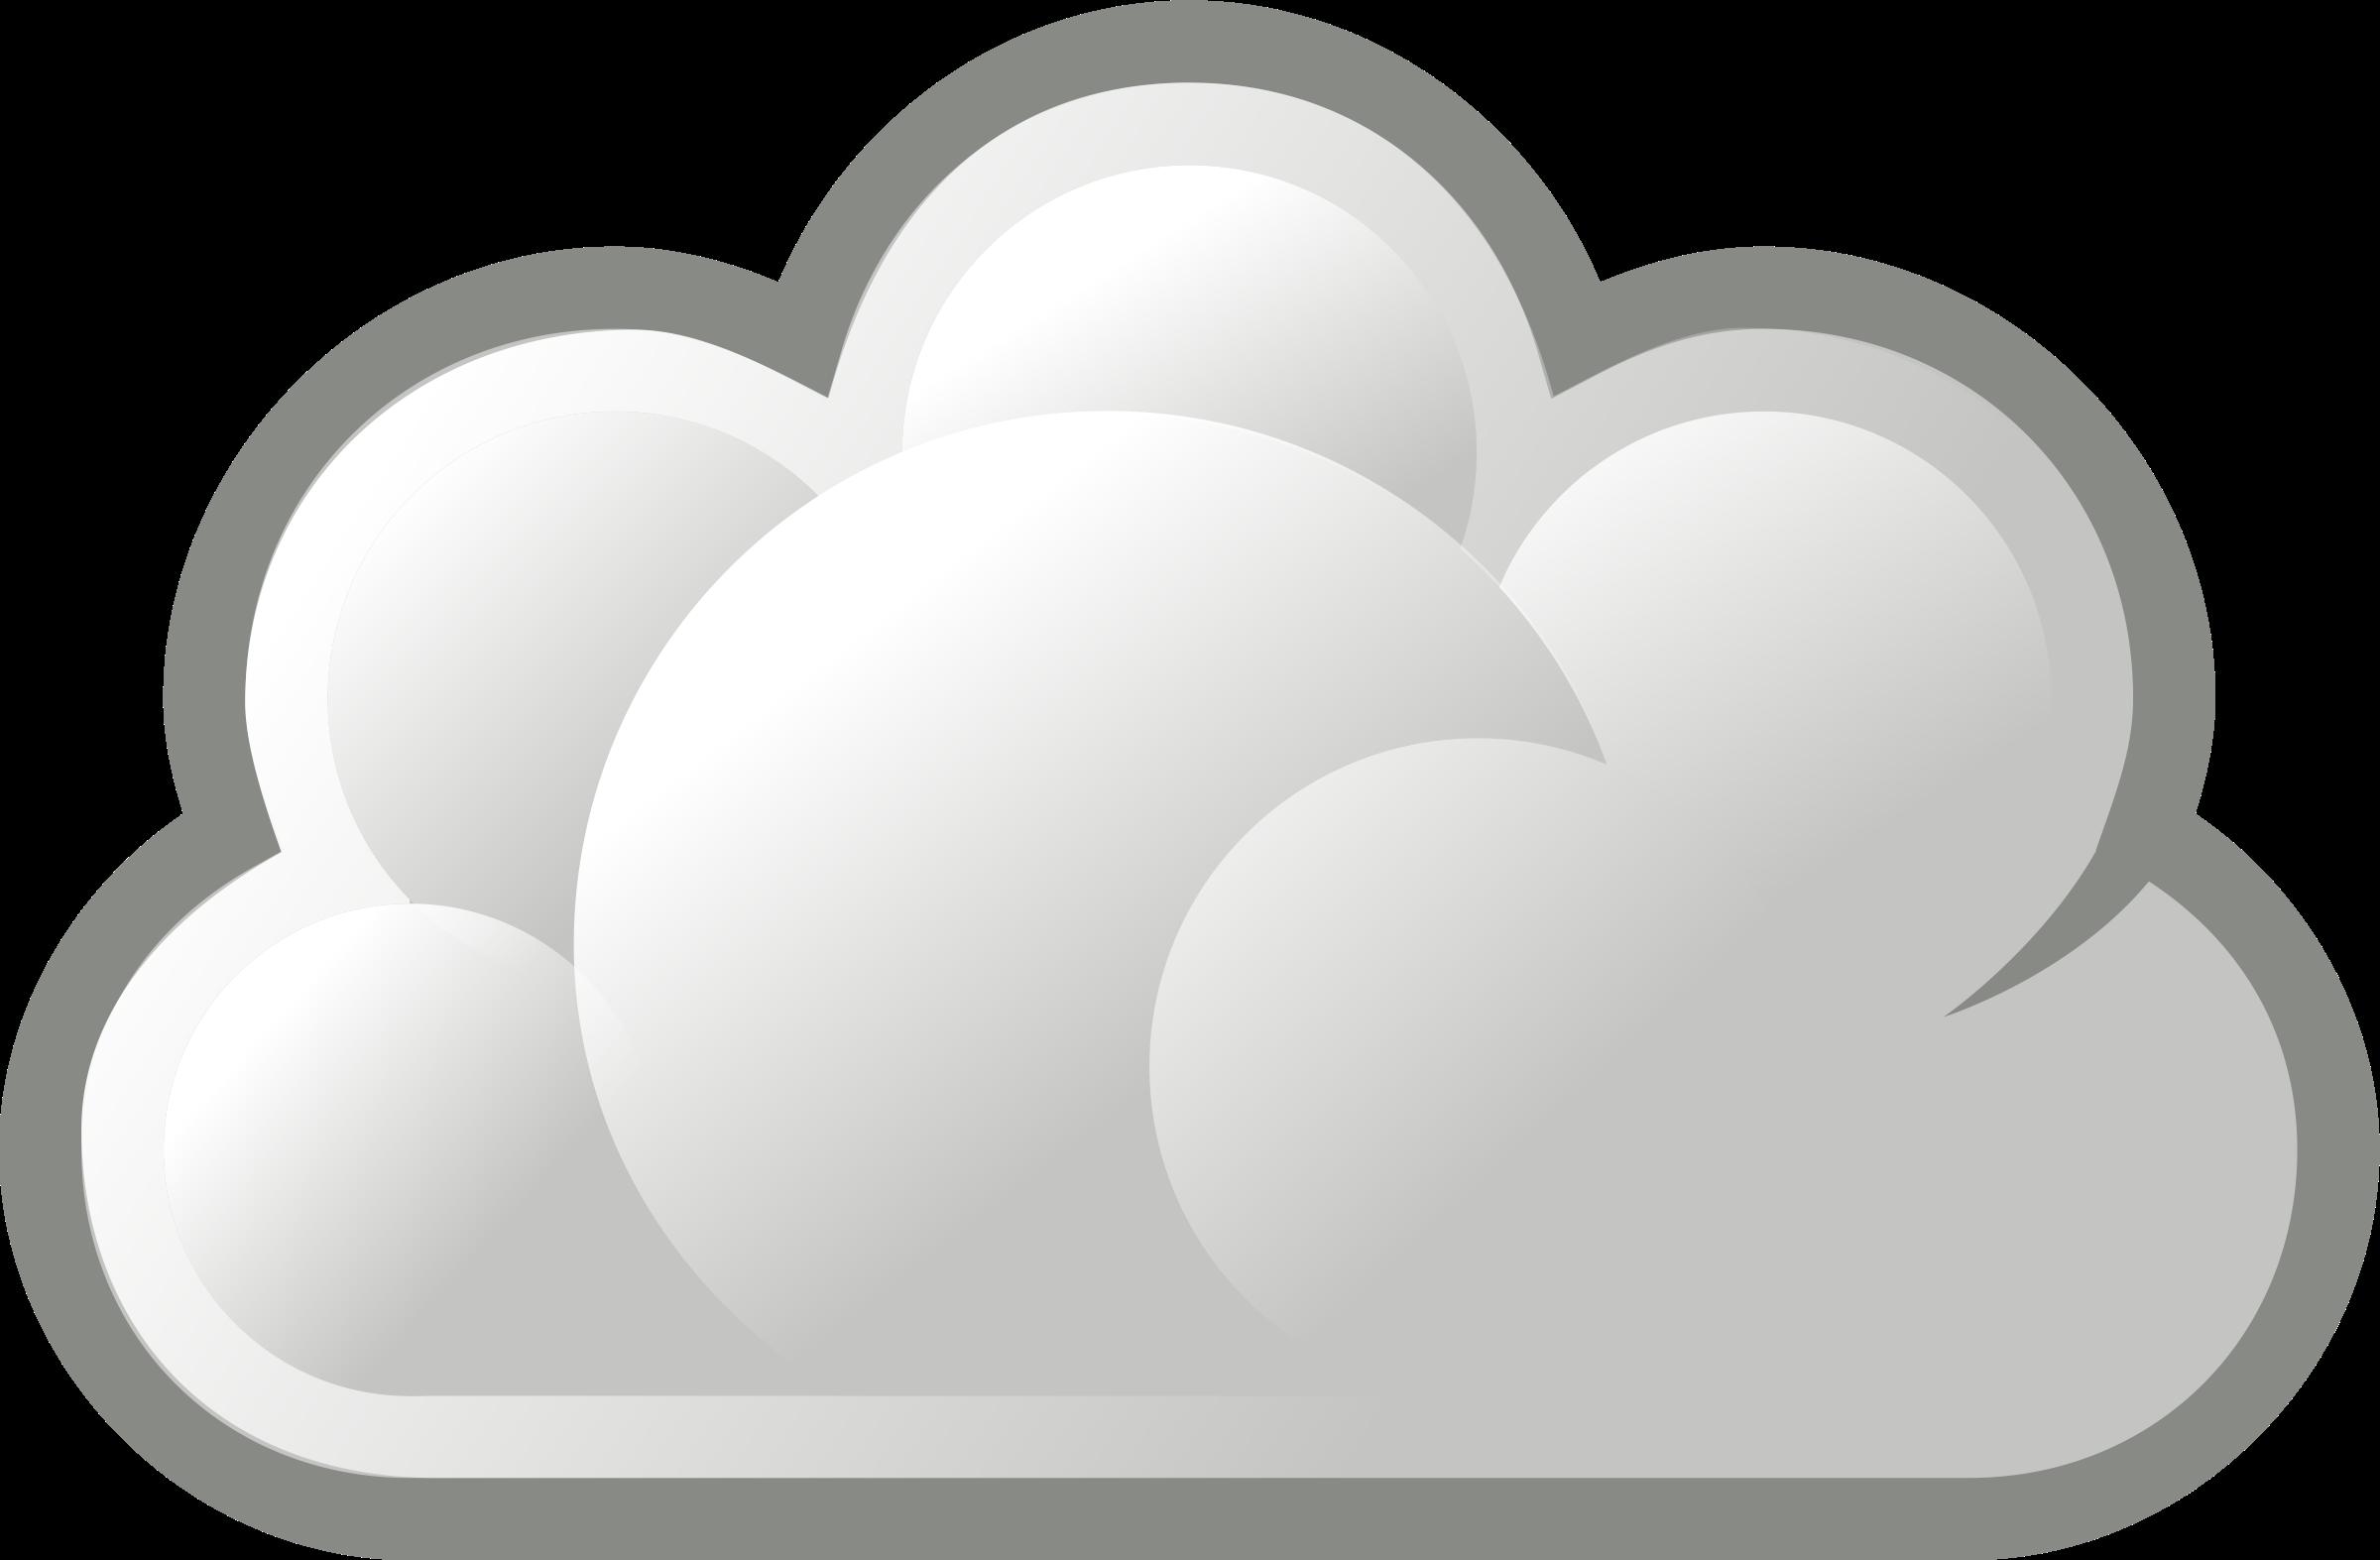 Clouds clipart internet cloud Art Cloud clip clipart collection